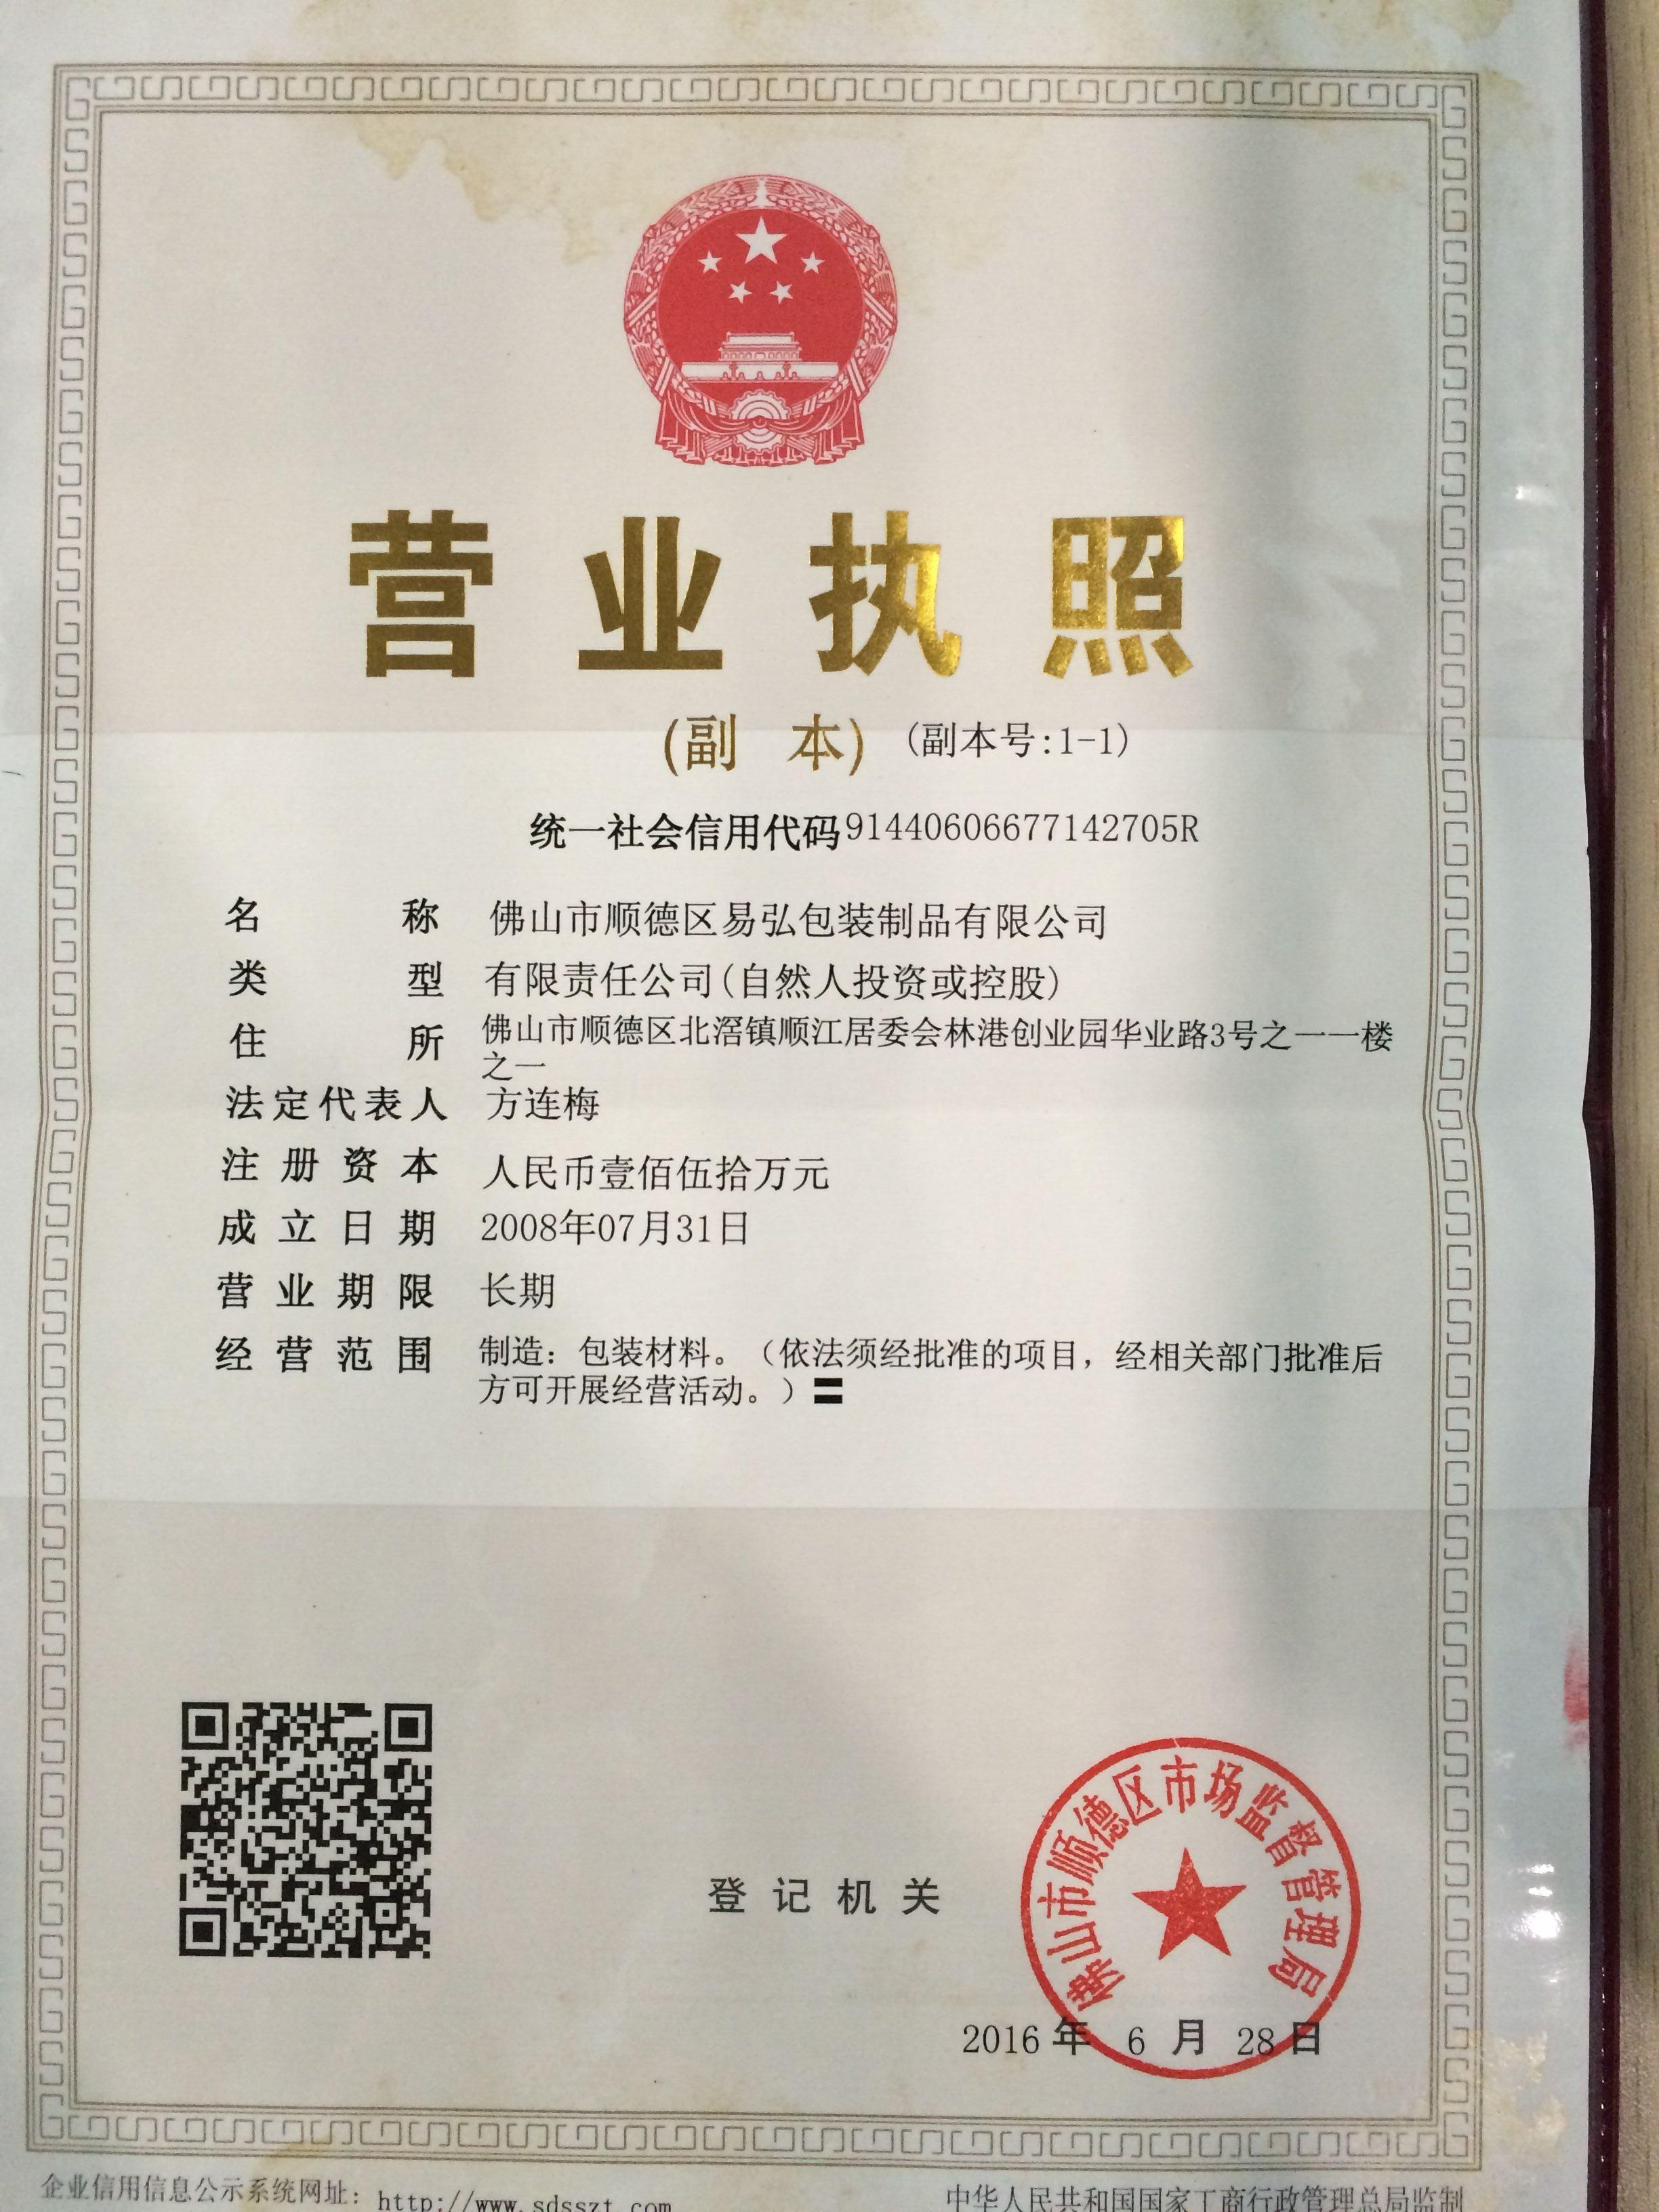 佛山市顺德区易弘包装制品有限公司_国际人才网_job001.cn